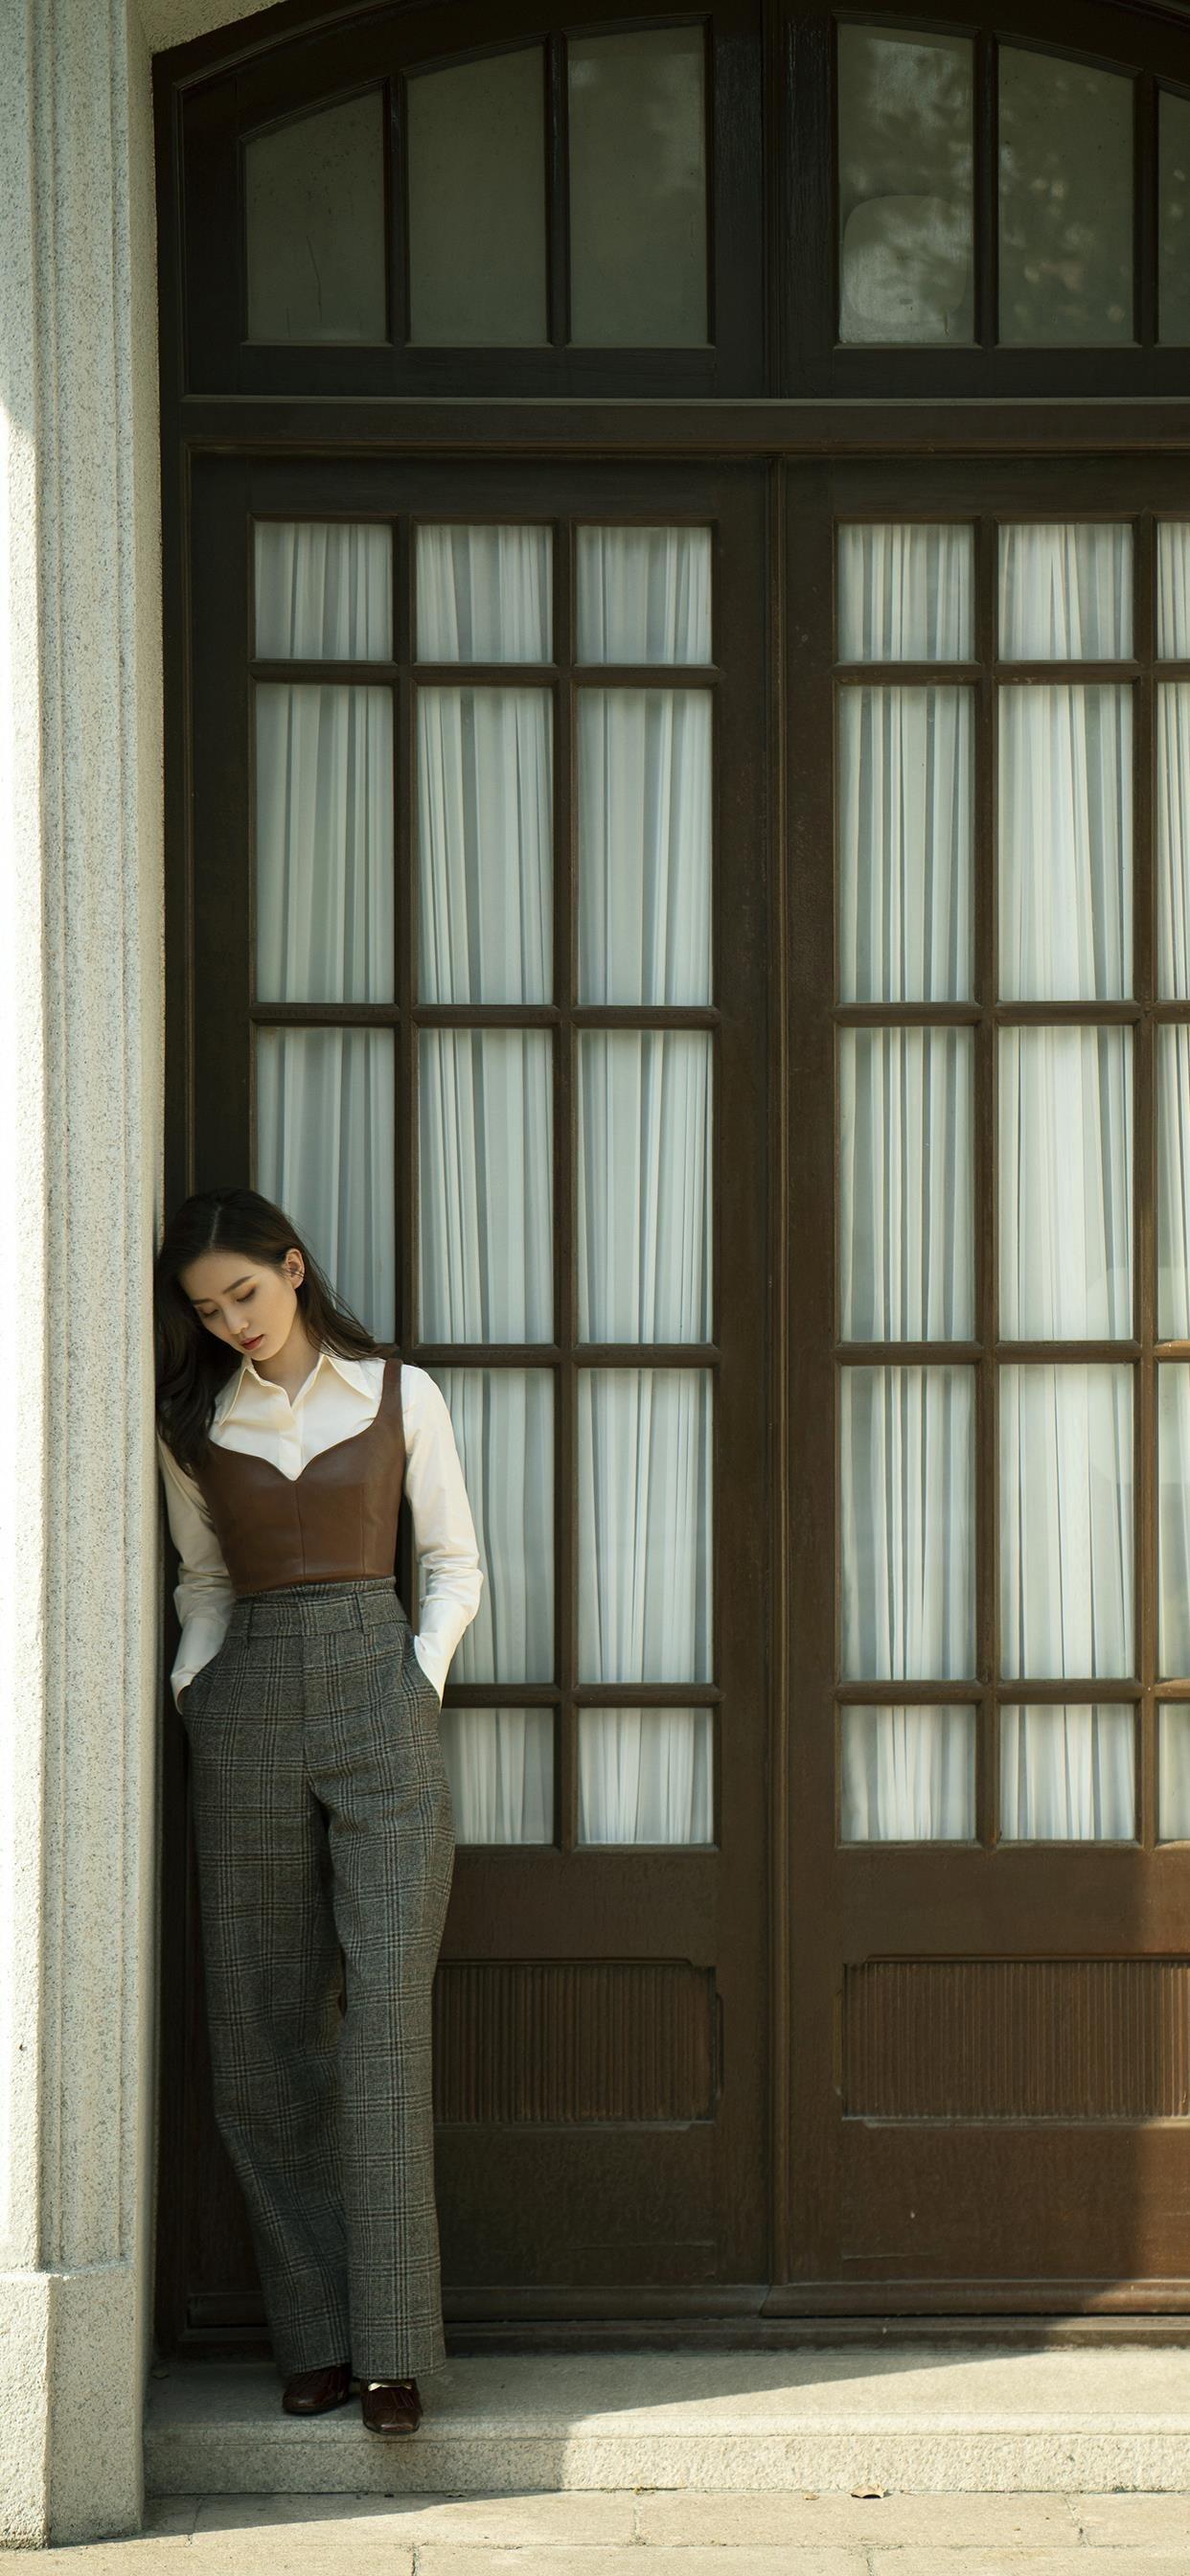 刘诗诗优雅气质写真手机壁纸